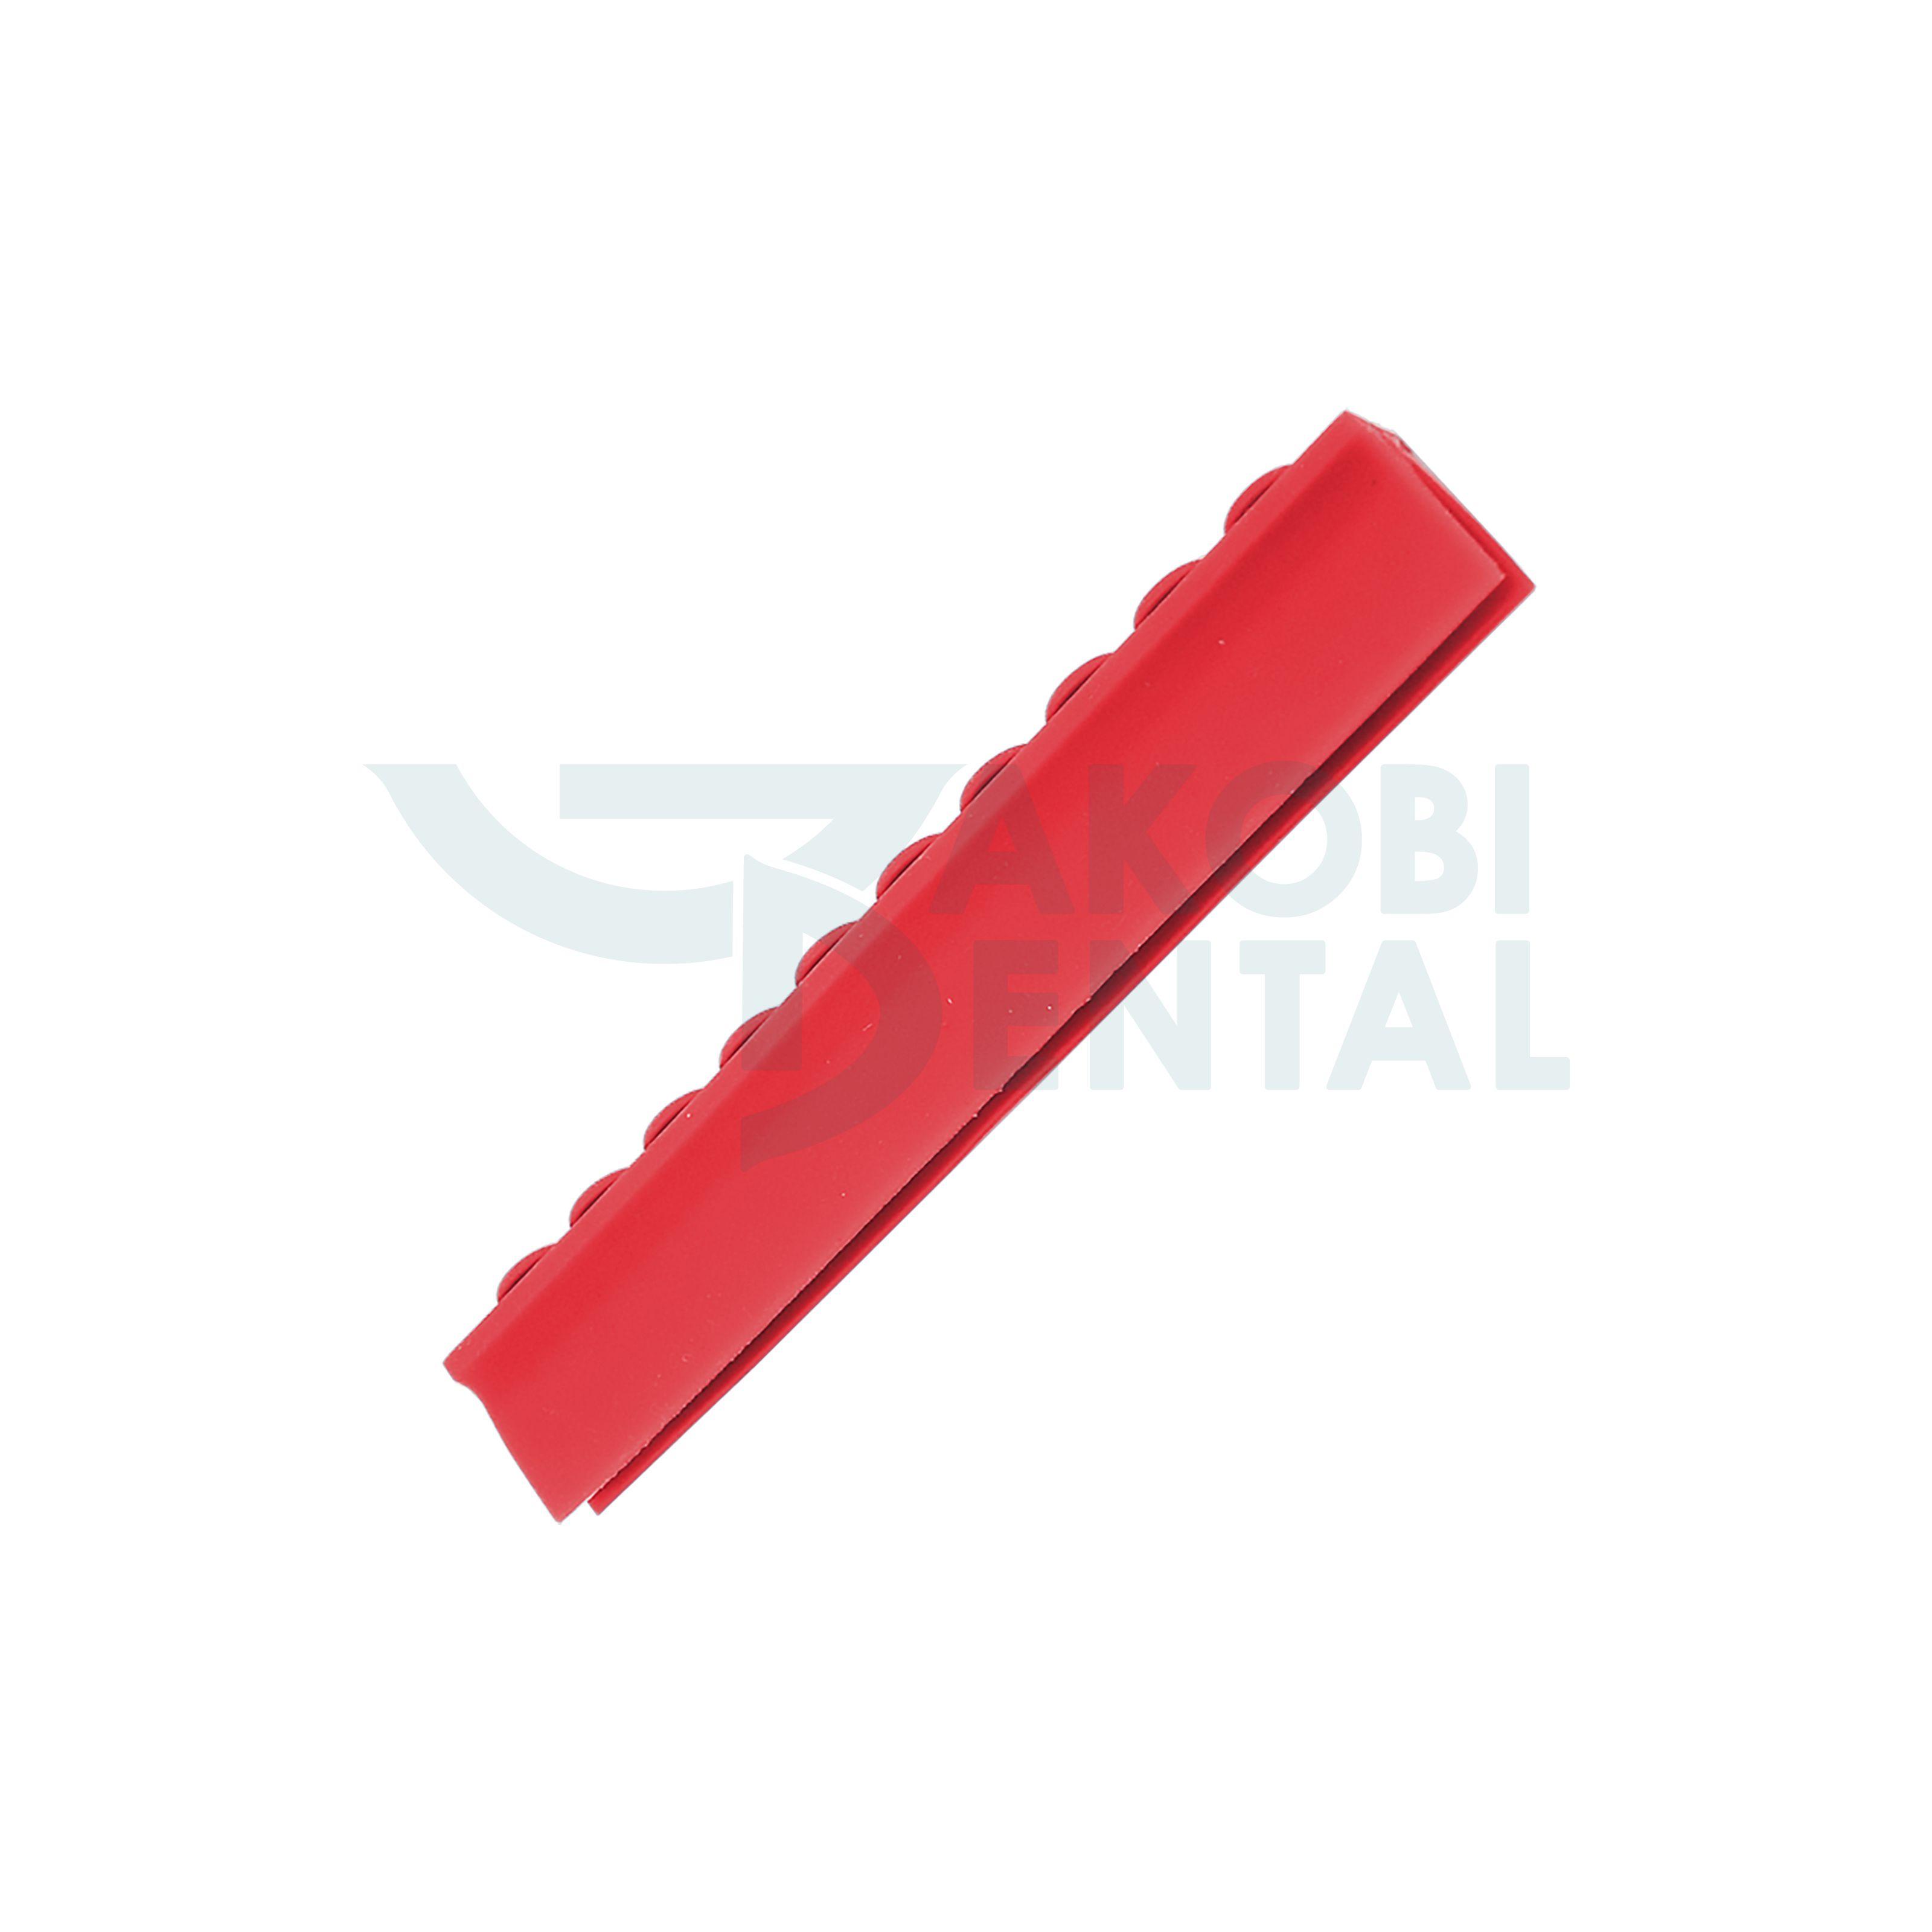 Deckelschiene für 10 Instrumente, rot